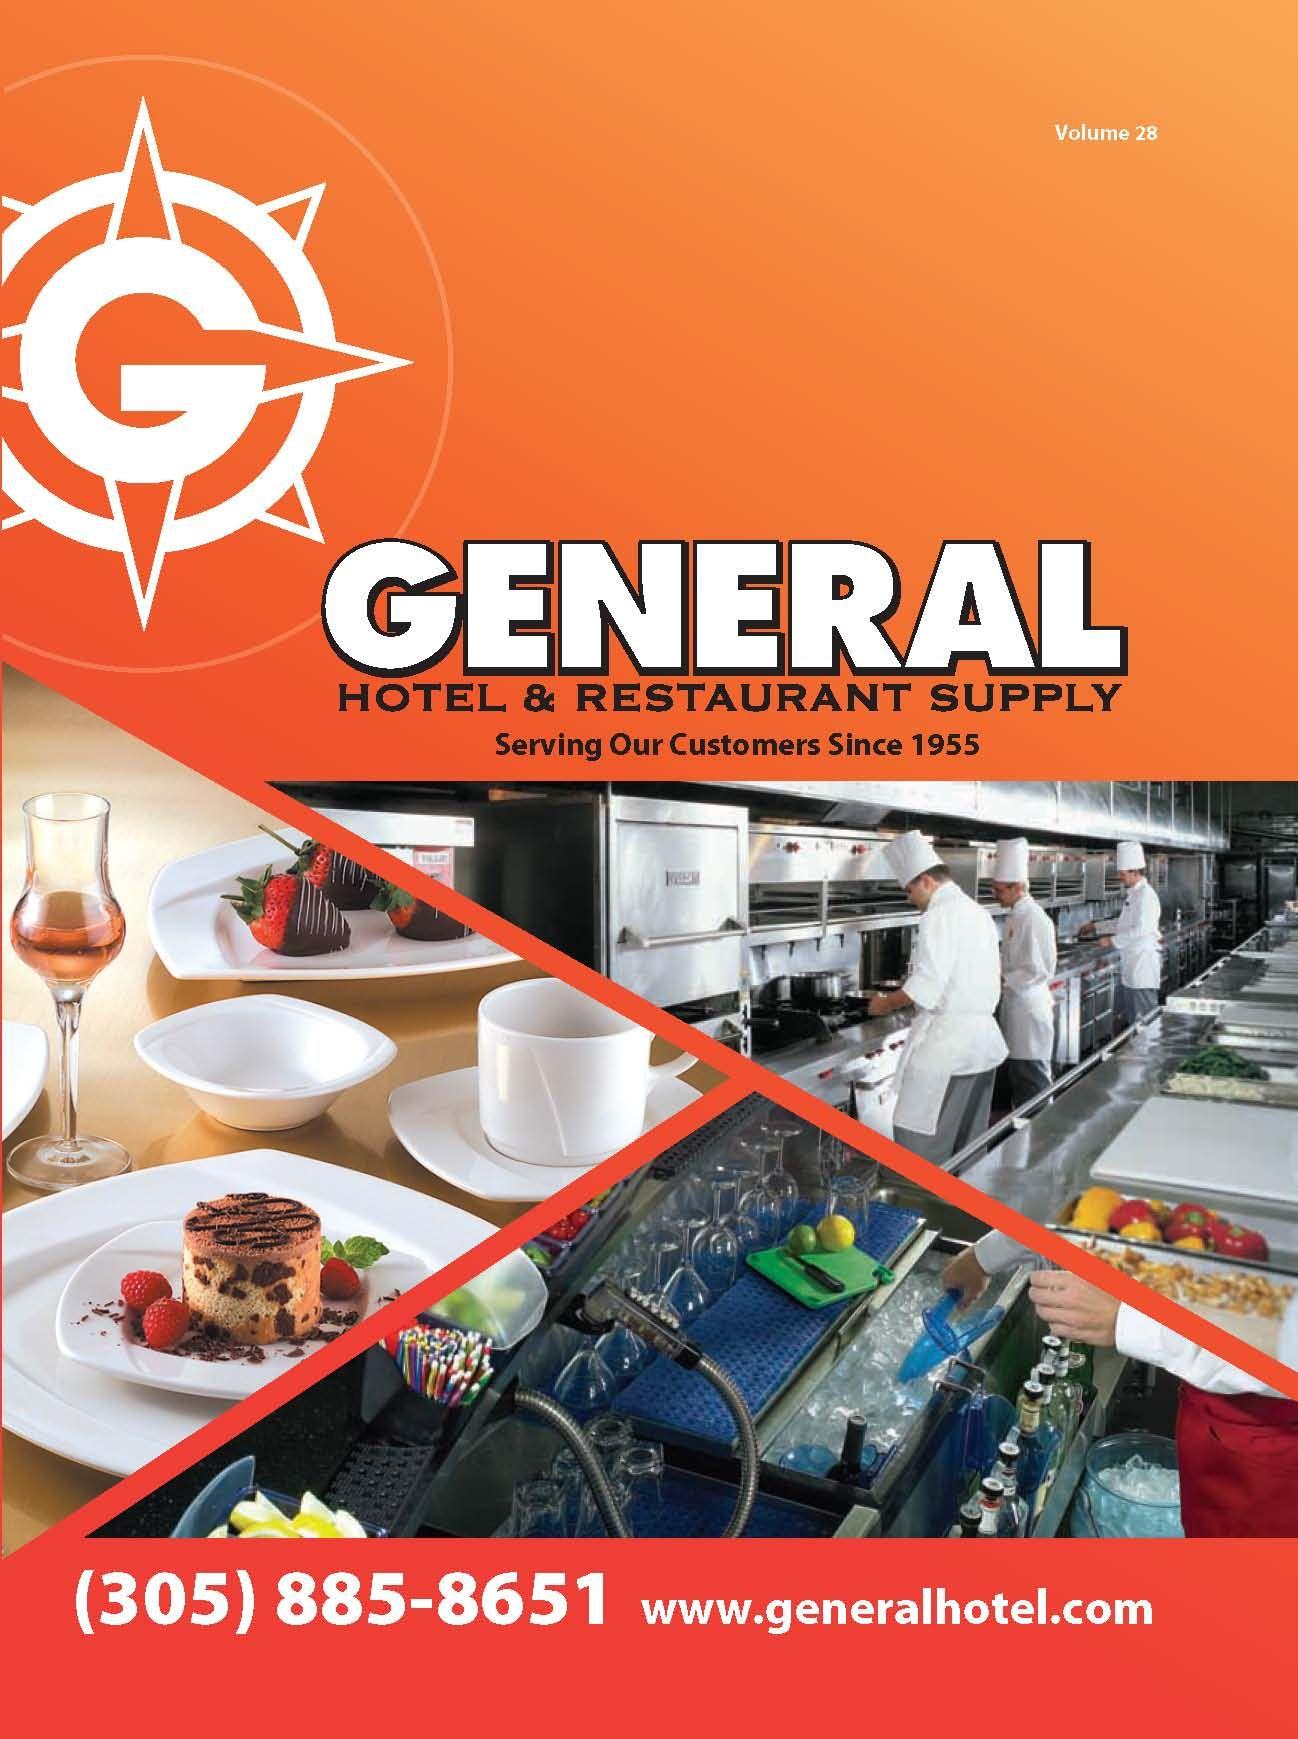 General Hotel Restaurant Supply Restaurant Supplies Restaurant Commercial Restaurant Equipment